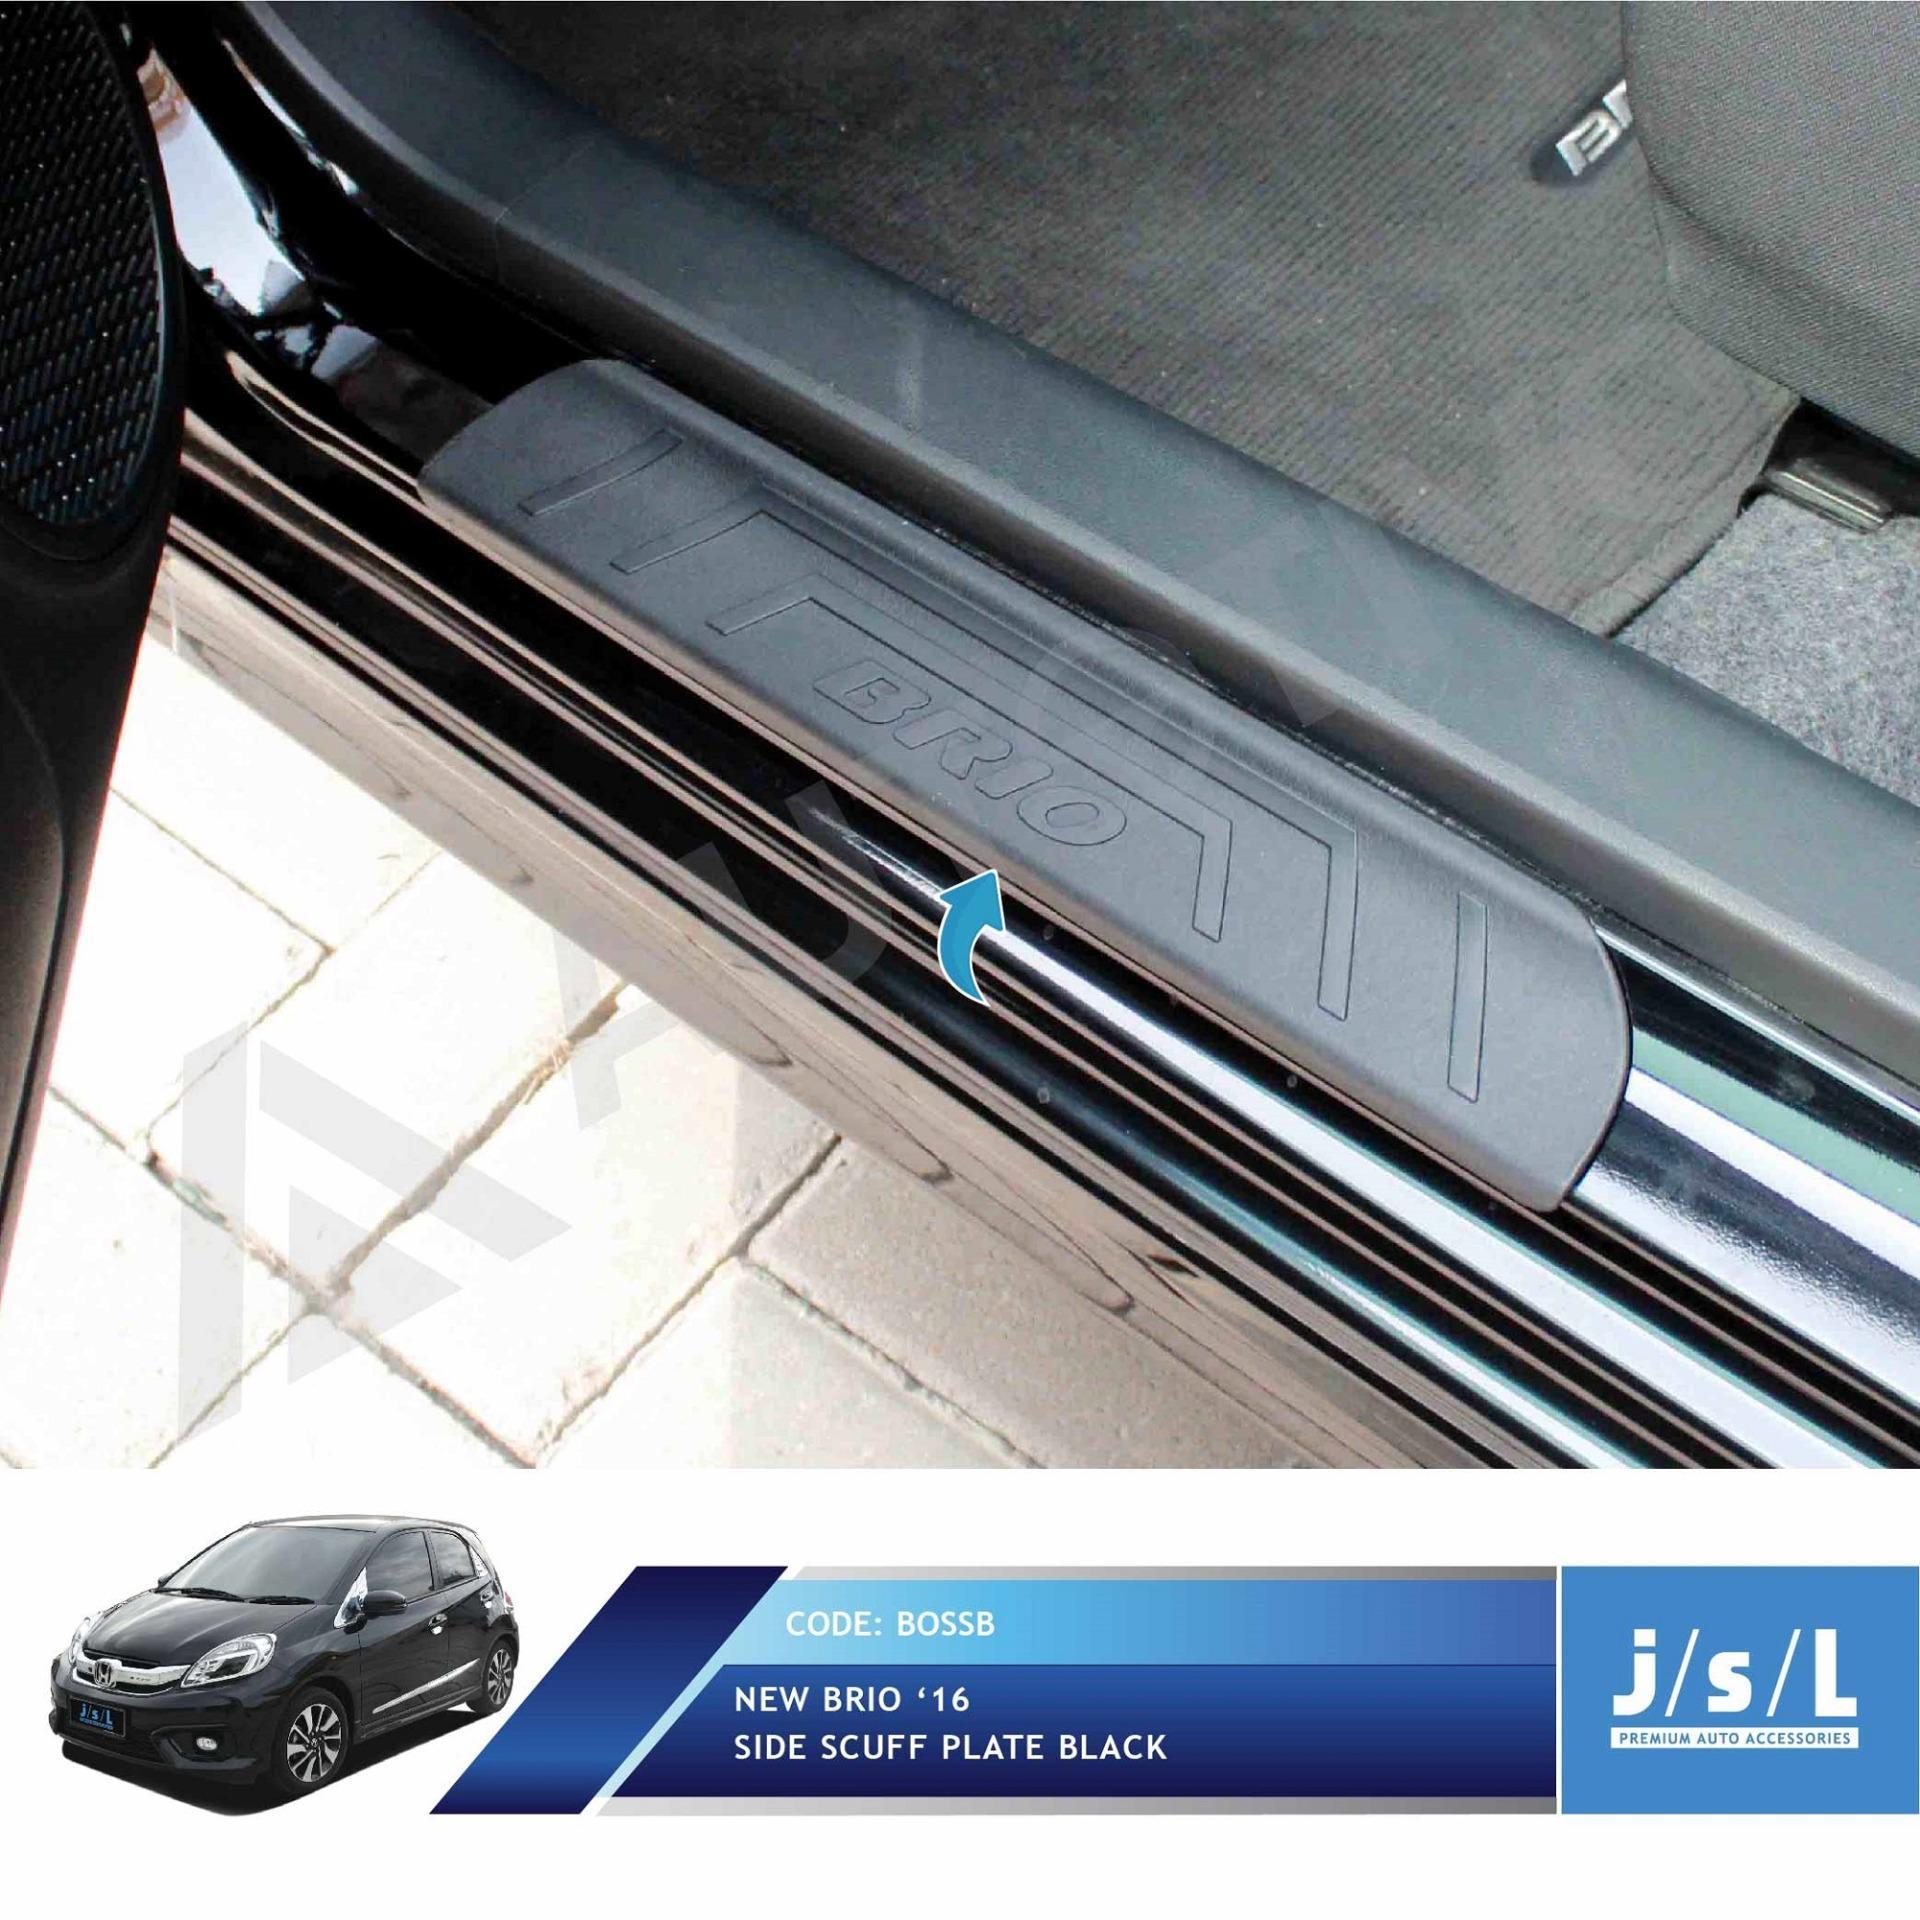 New Brio Sillplate Samping Hitam JSL / Side Scuff Plate Black